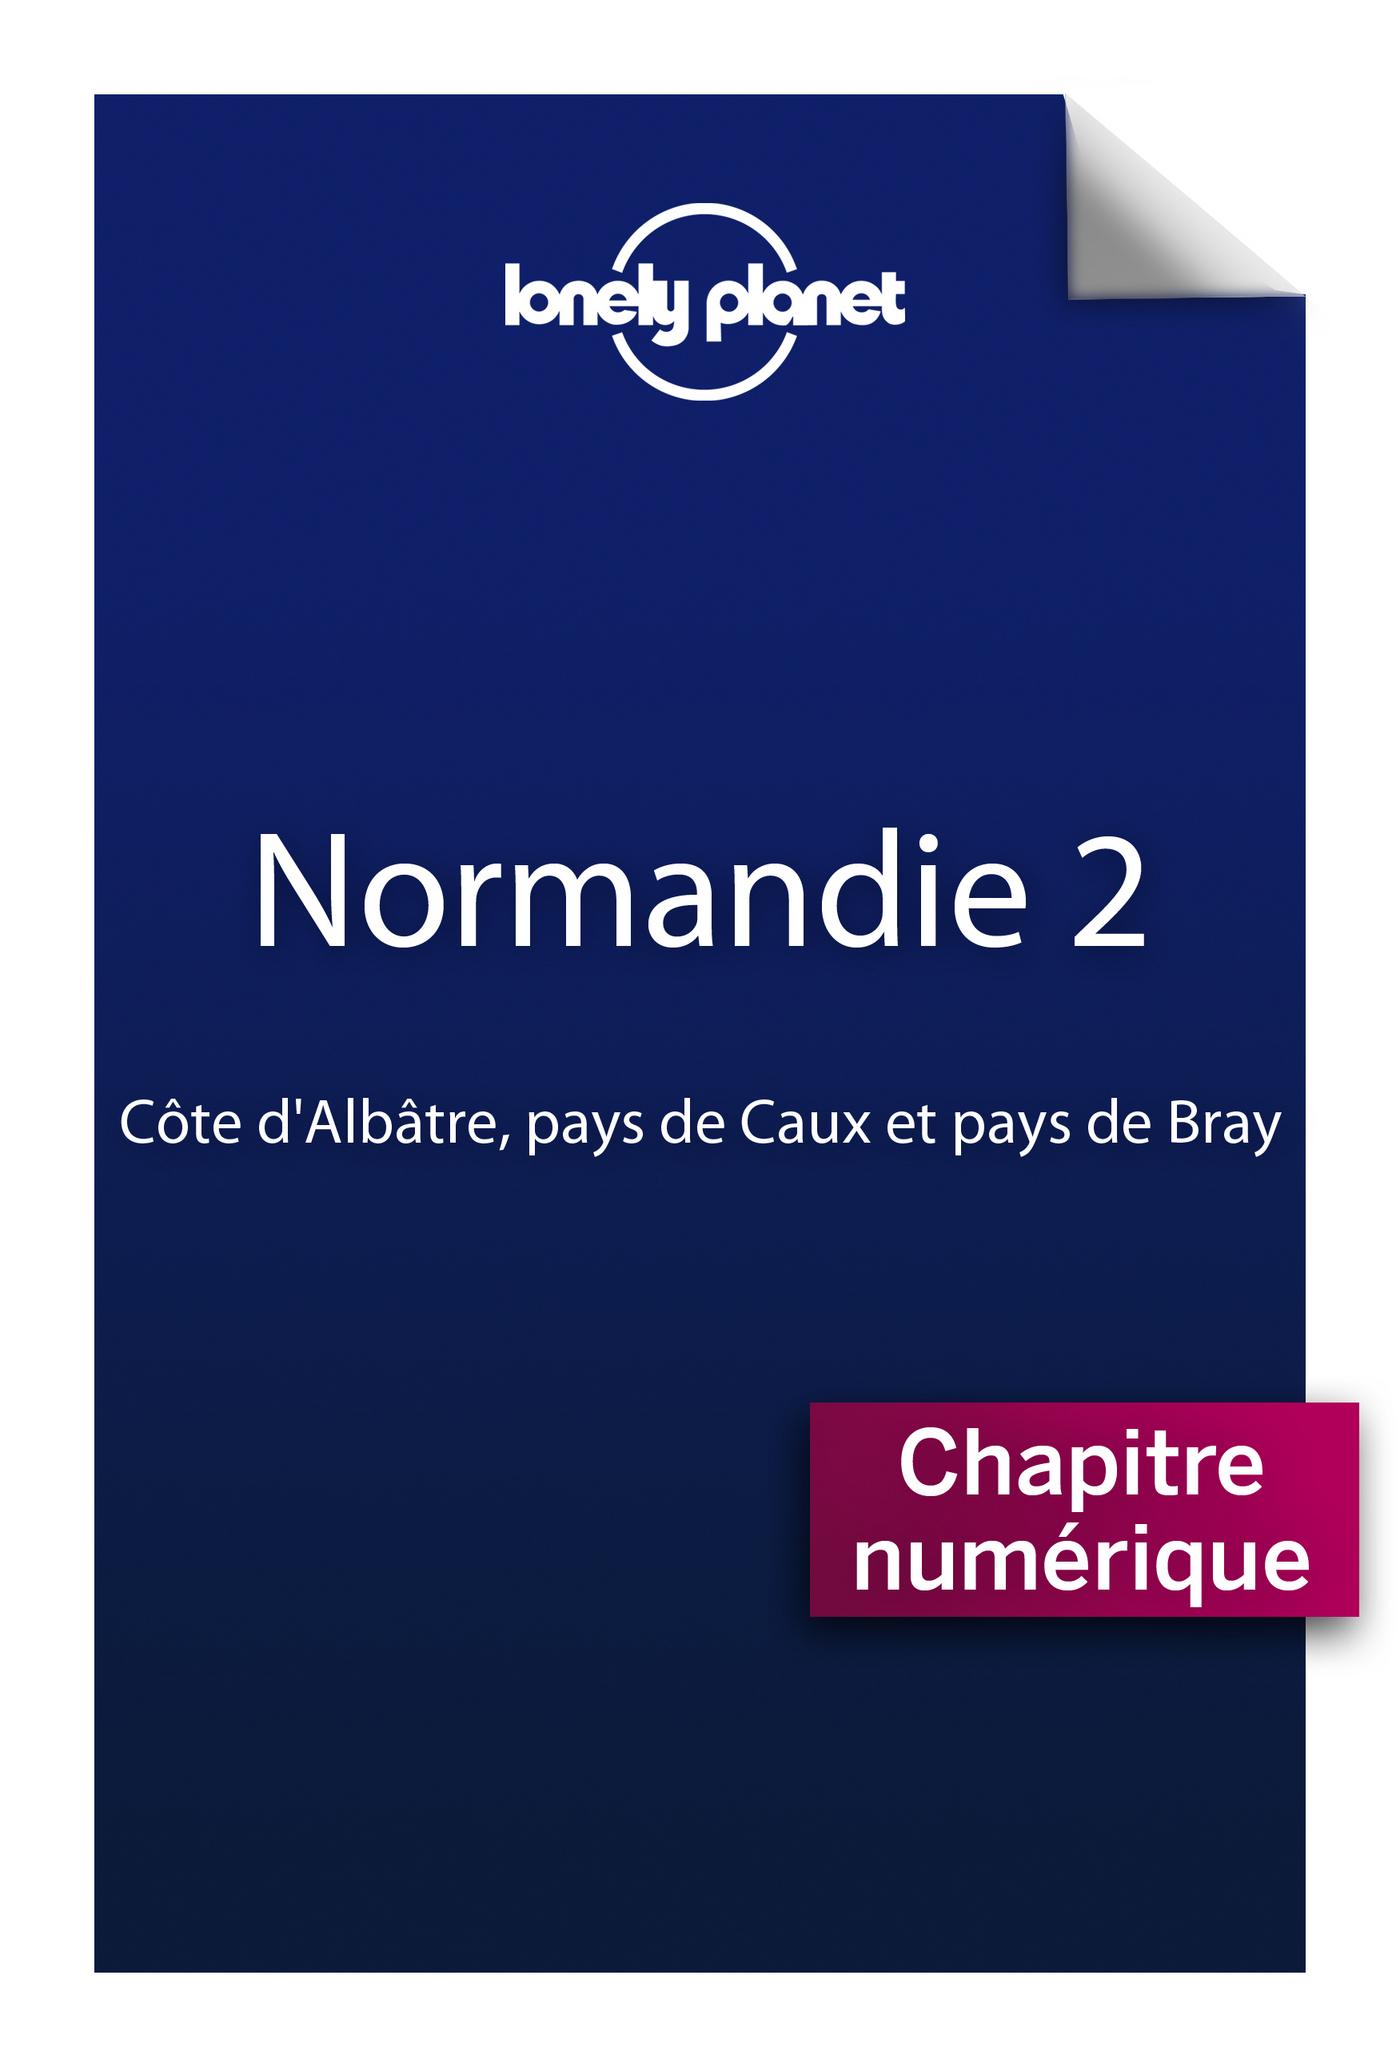 Normandie 2 - Côte d'Albâtre, pays de Caux et pays de Bray (ebook)